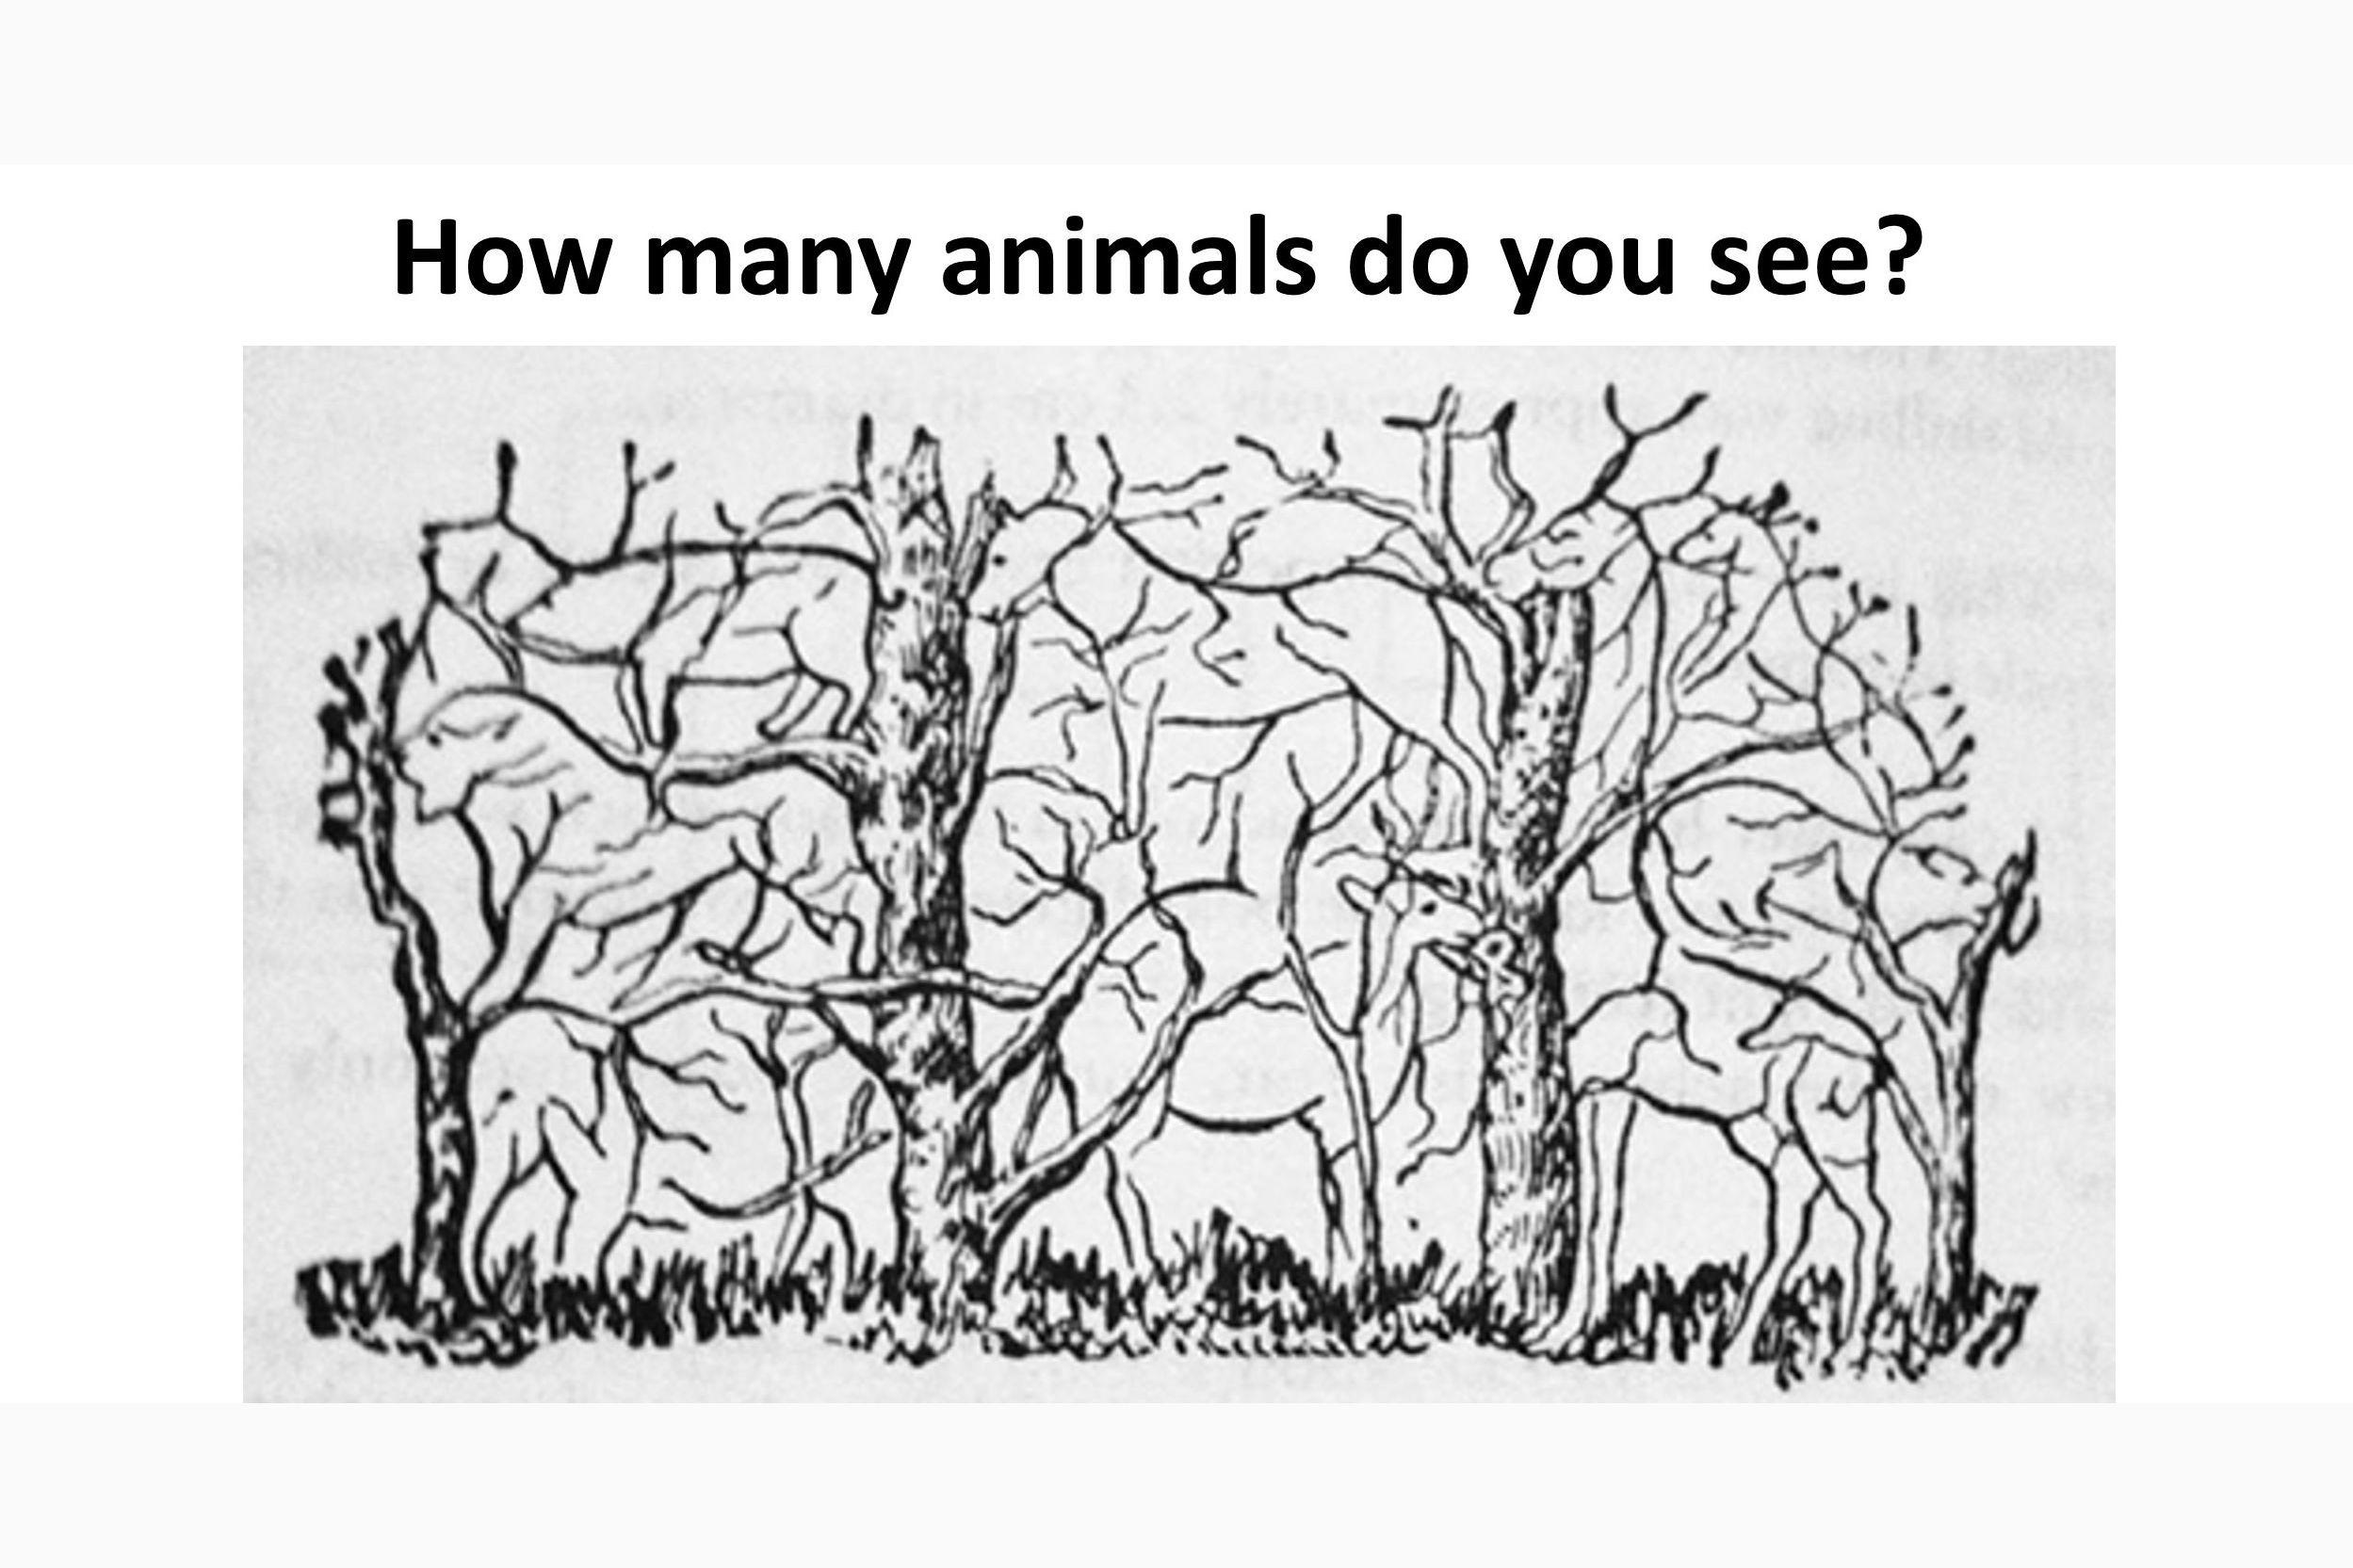 администрации сколько животных видишь на картинке ответ кольпоскопы имеют комплекте